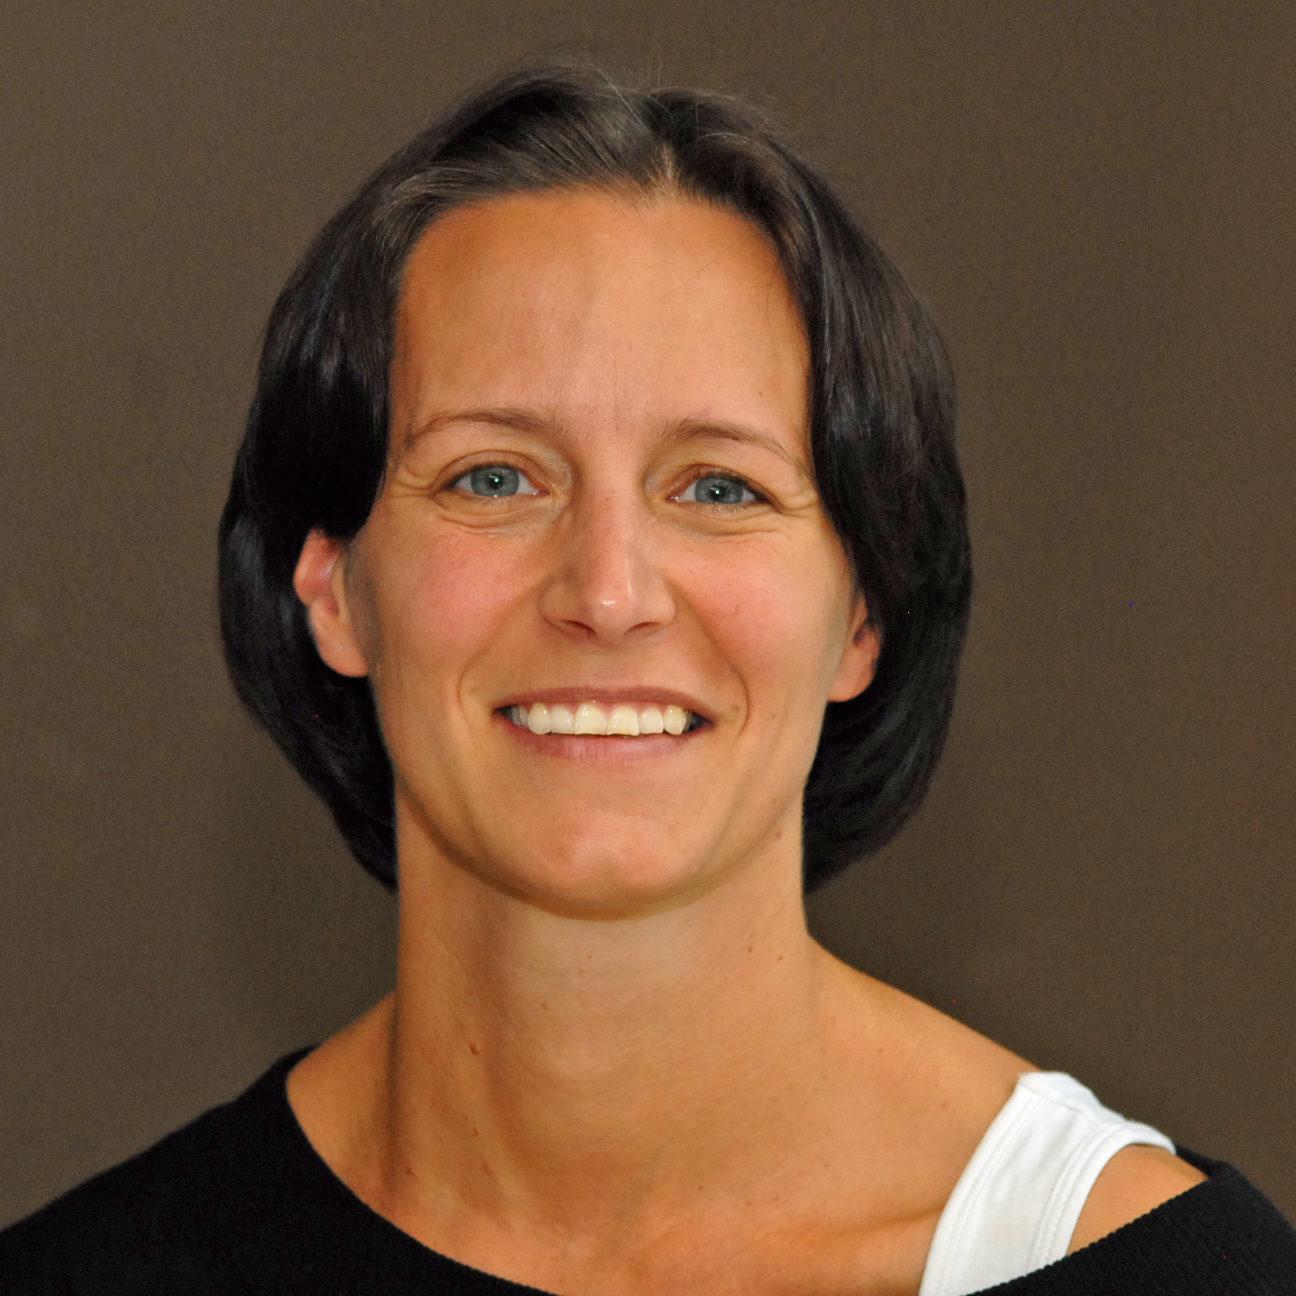 Tanja Köchert